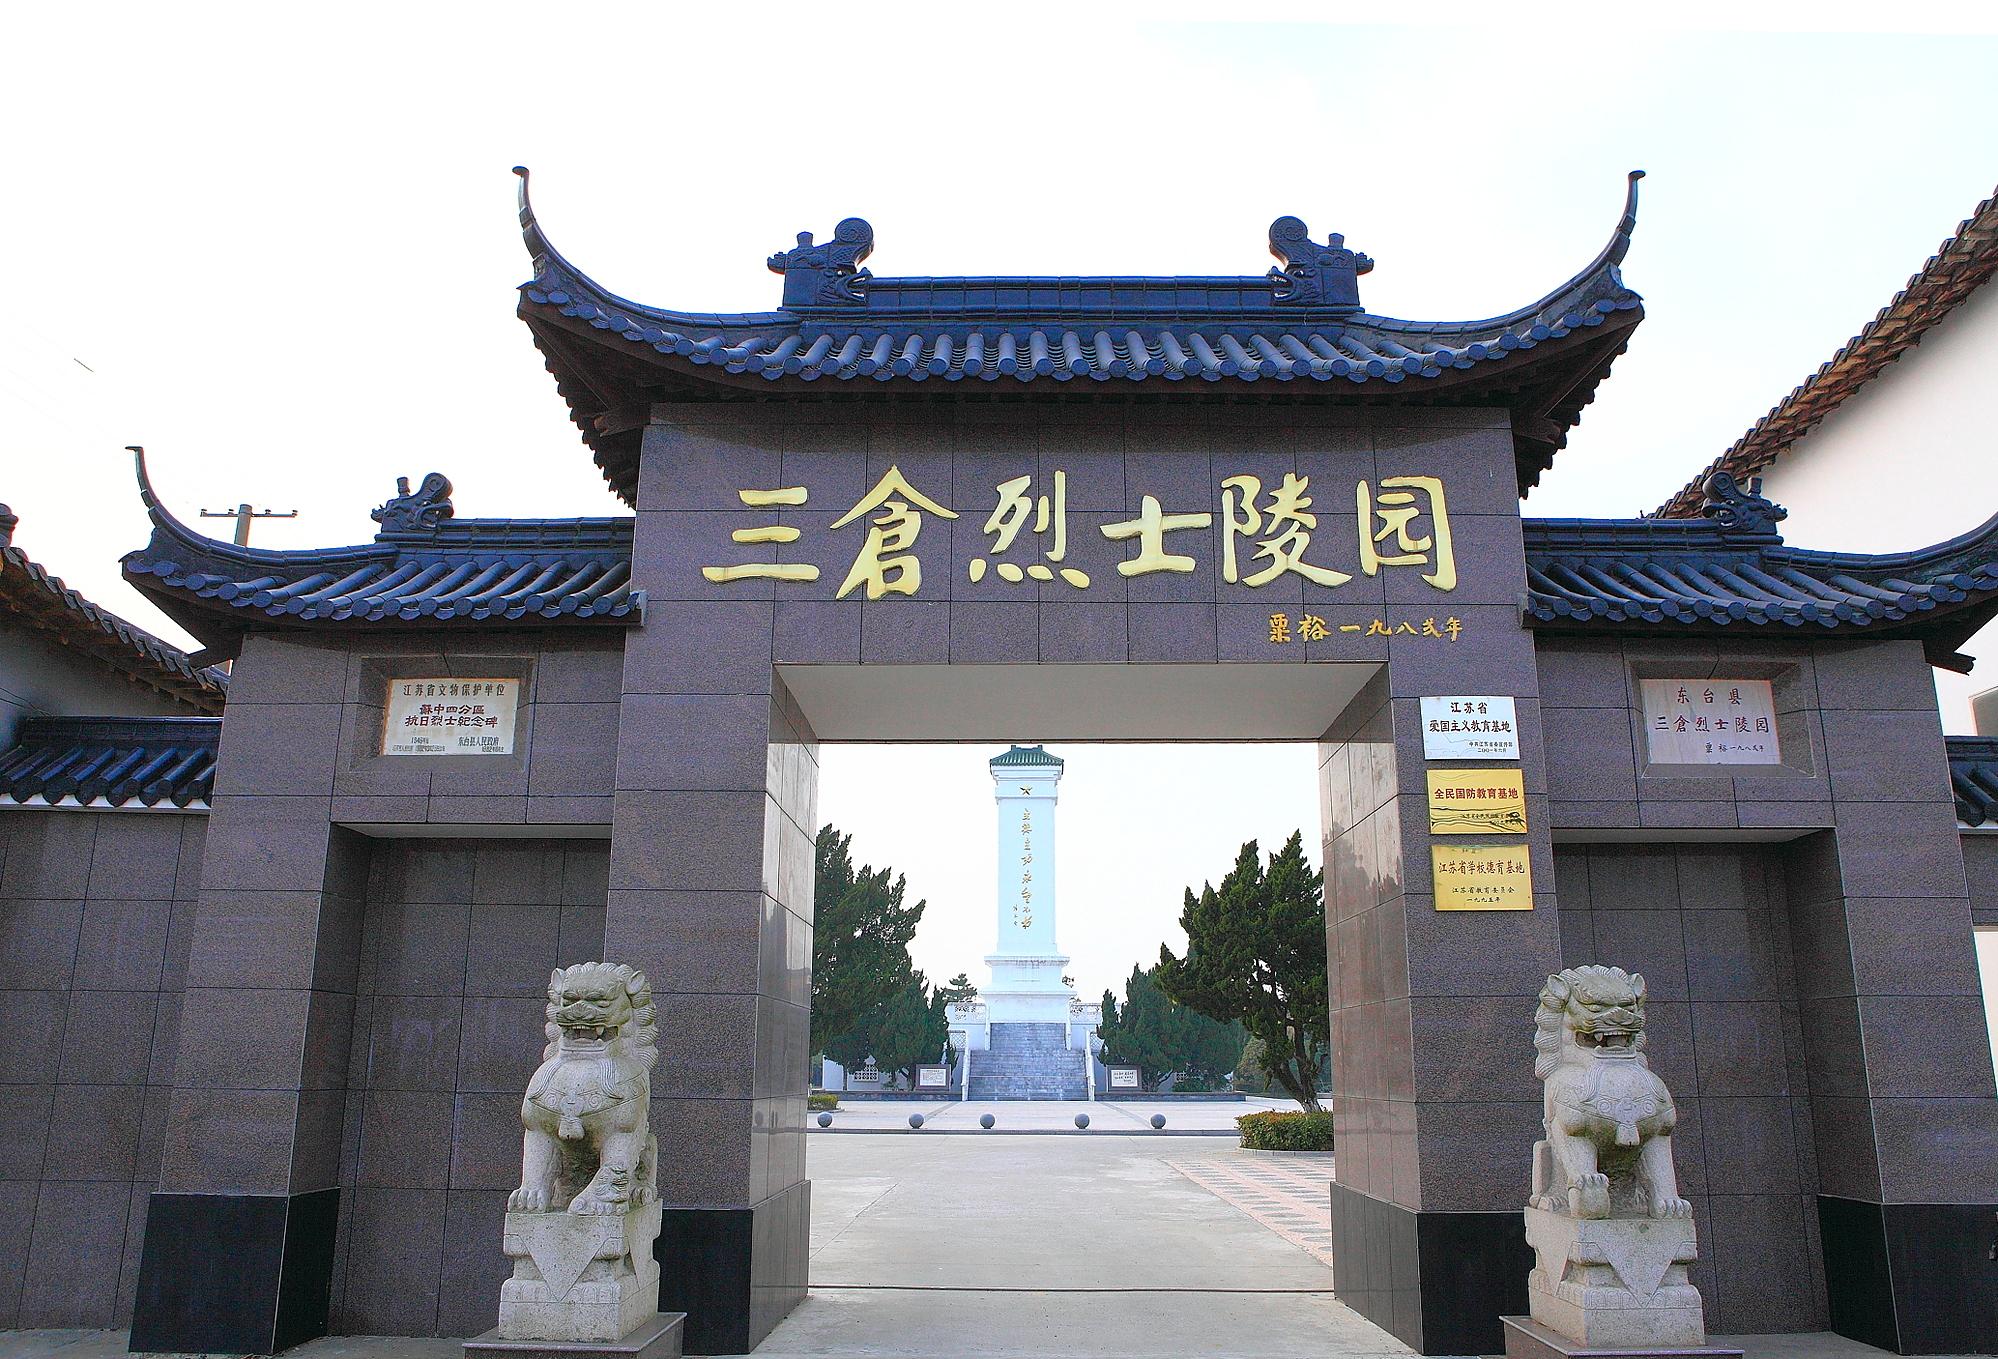 三仓烈士陵园,位于黄海之滨的三仓镇北郊新五村境内